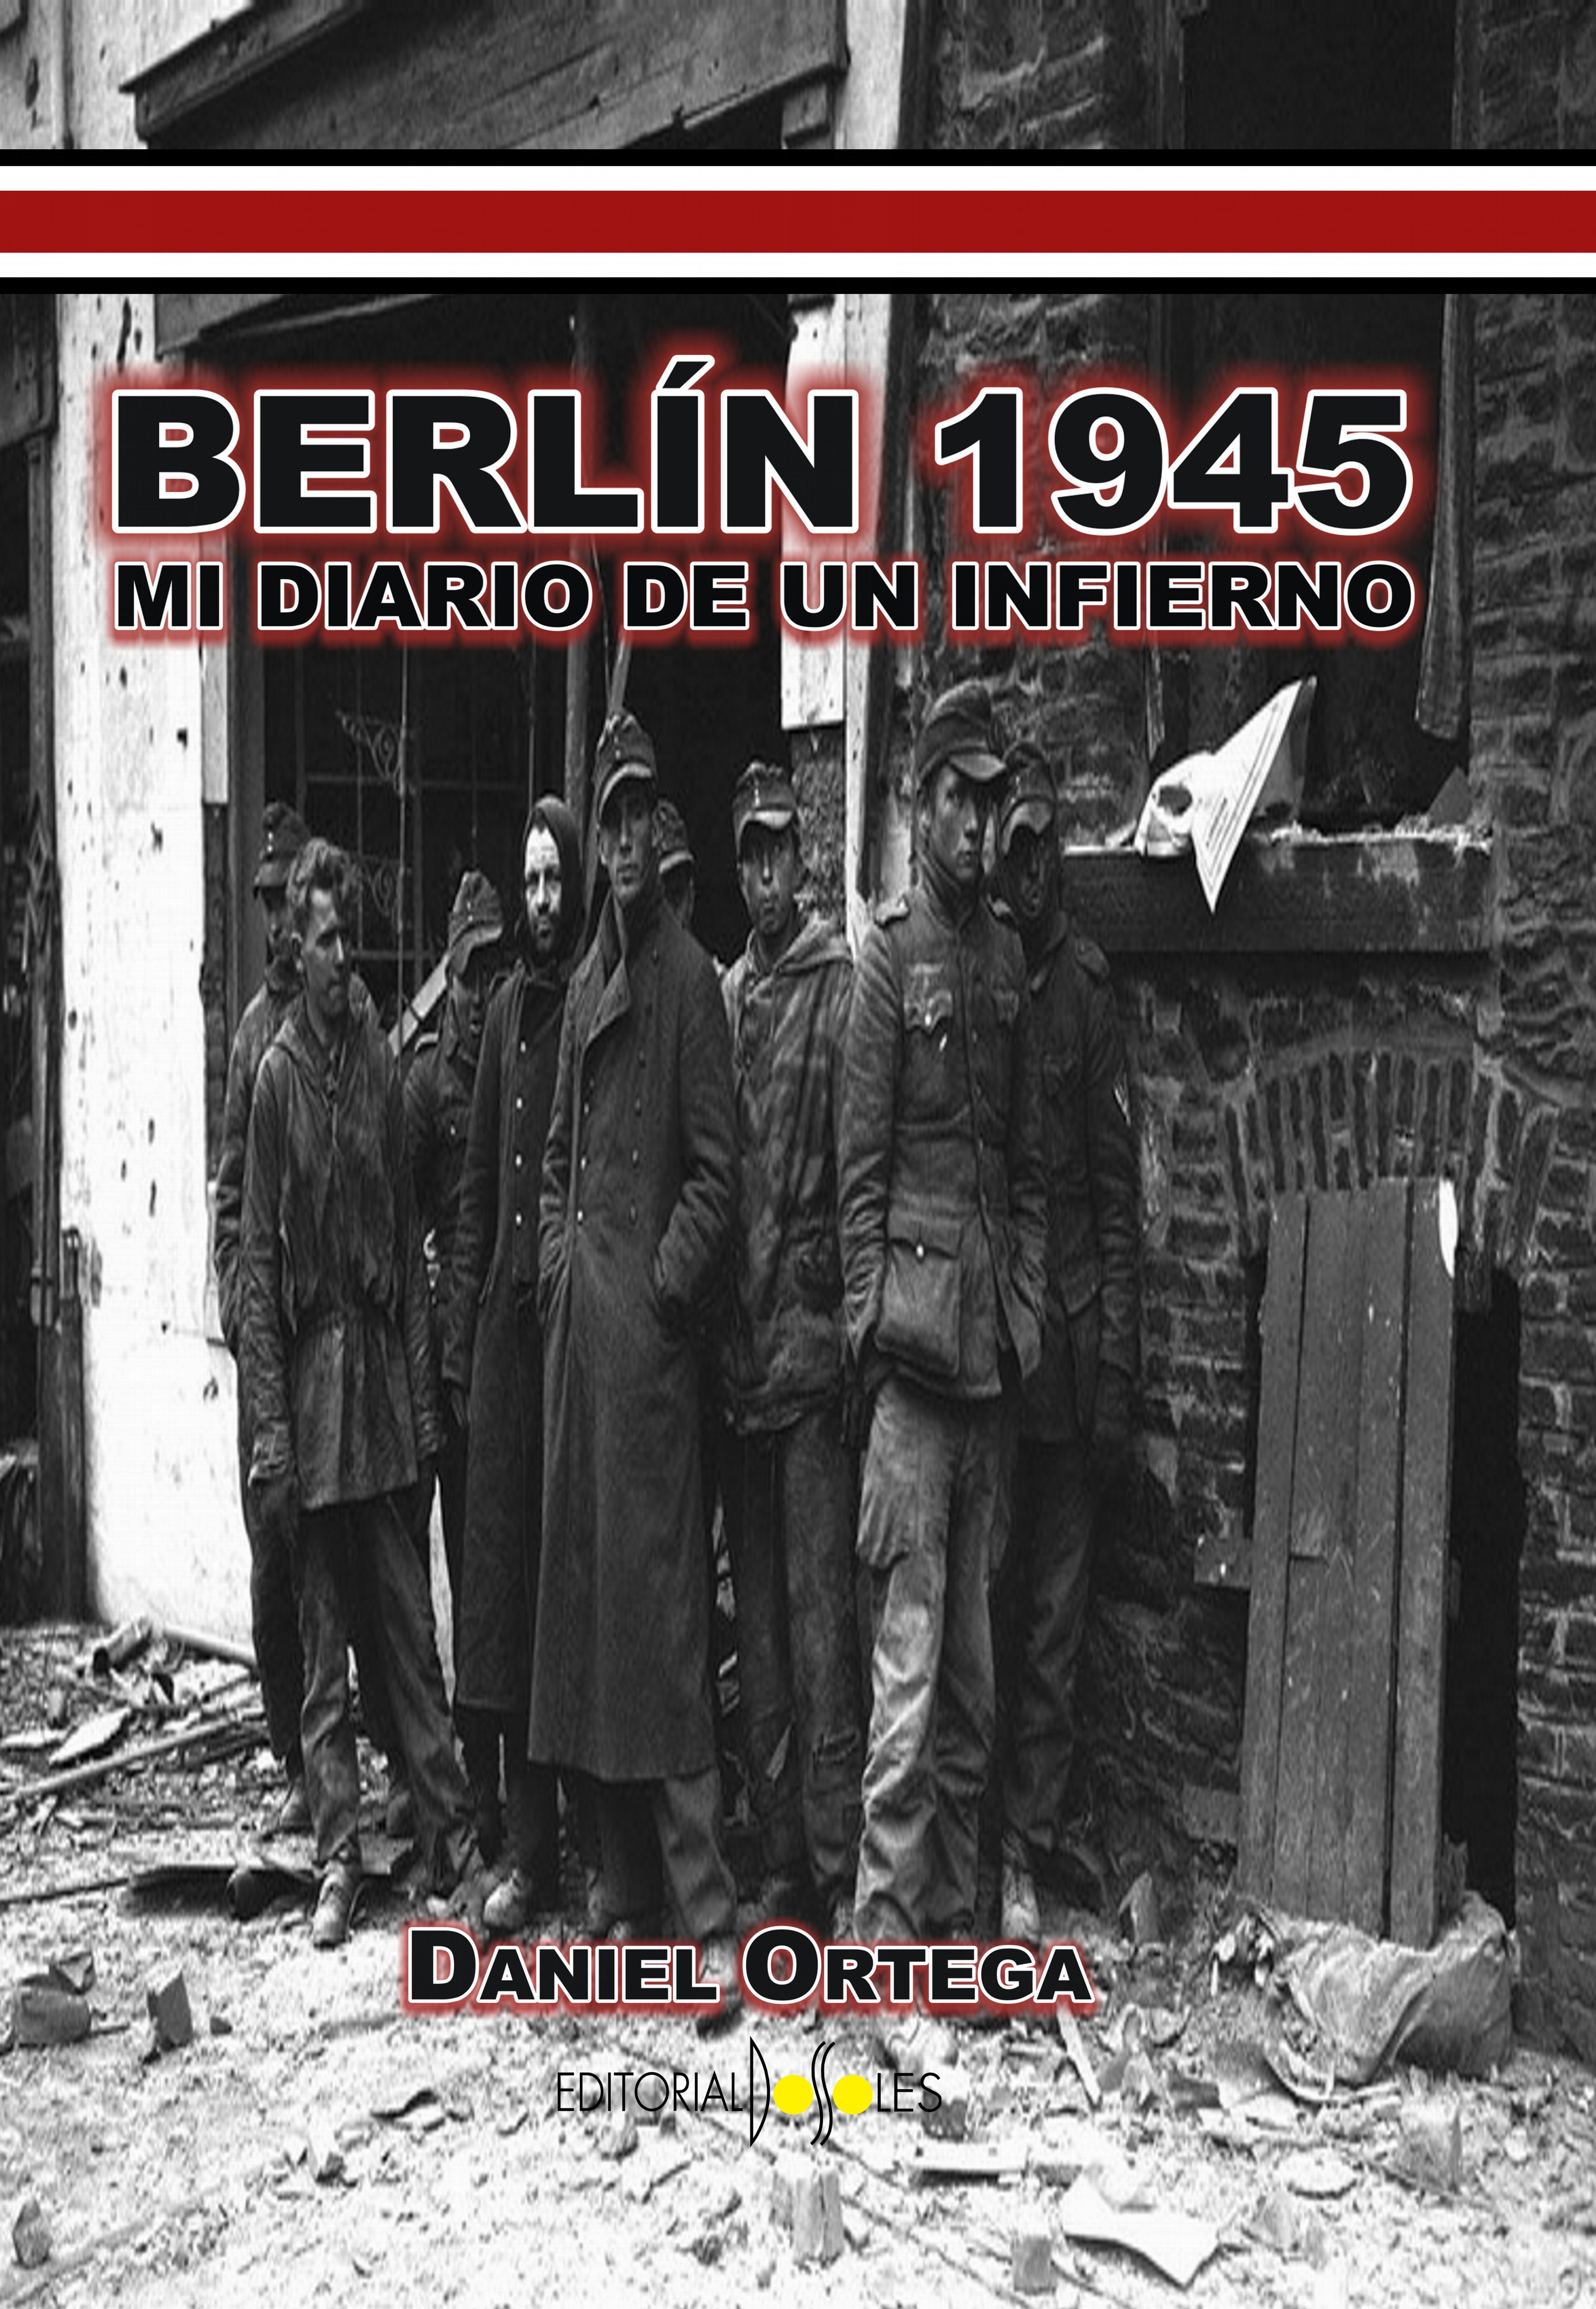 BERLIN 1945 - Mi diario de un infierno (Daniel Ortega - 669.40.91.36) Promo.jpg